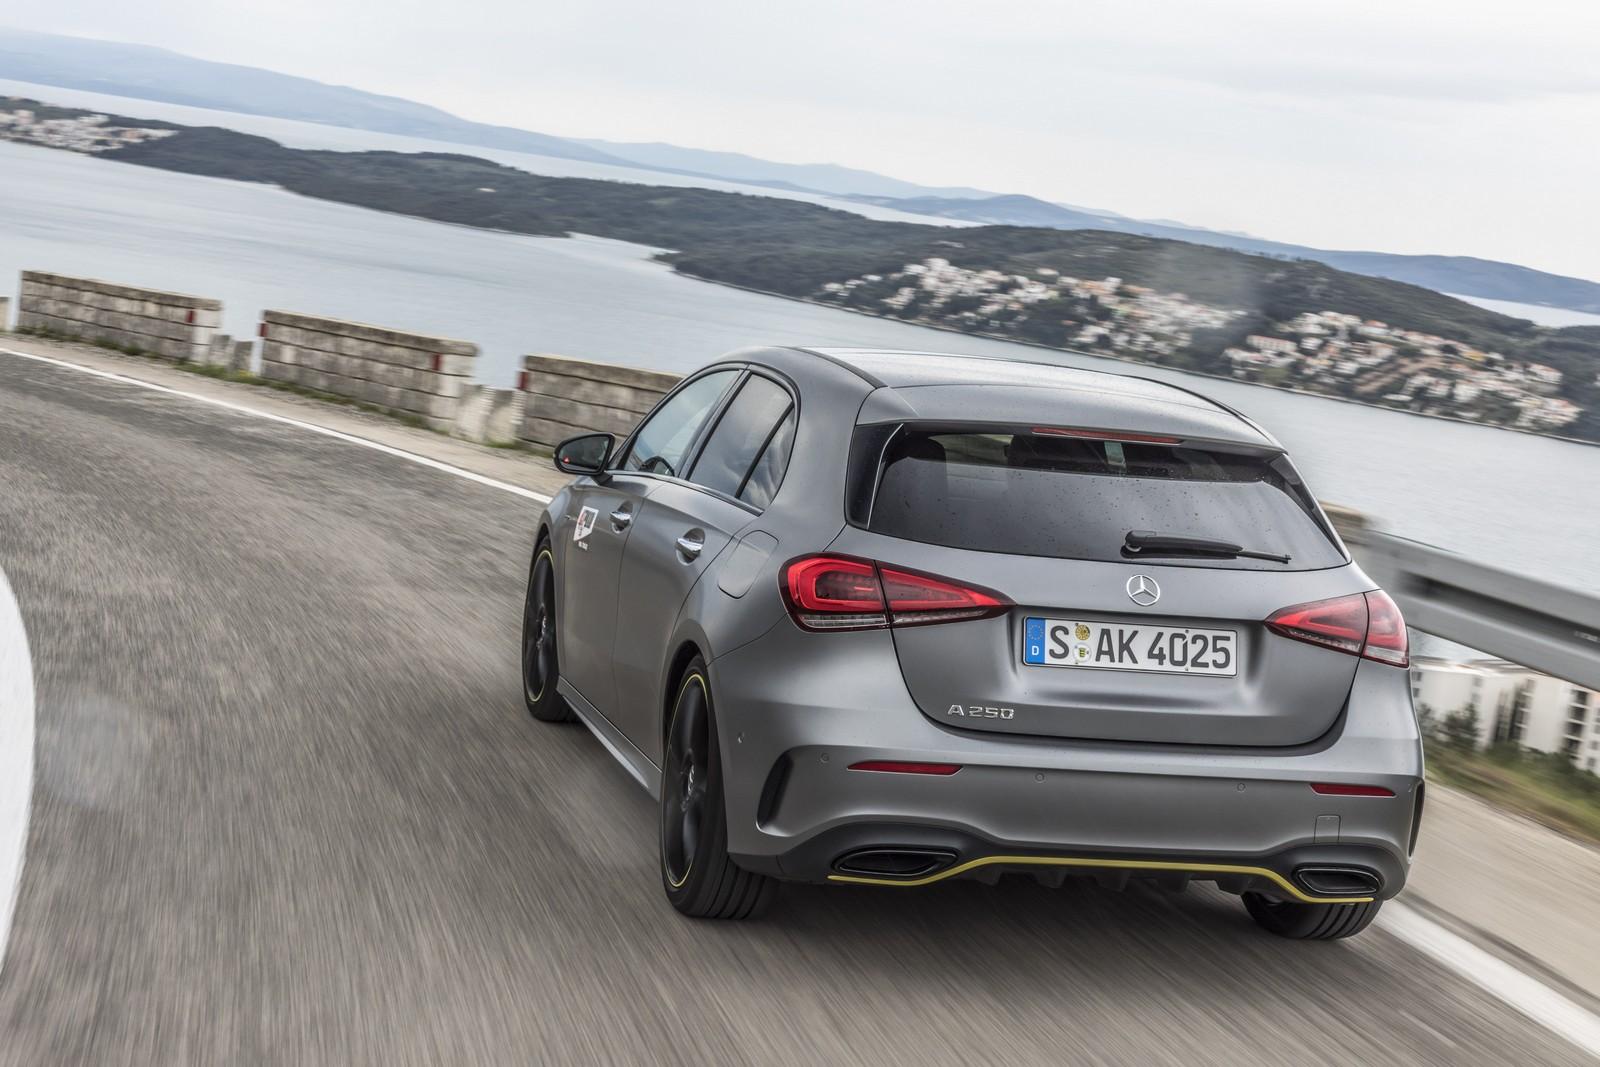 Μεγάλα περιθώρια πρόσφυσης, εντυπωσιακή ποιότητα κύλισης για τη νέα Mercedes A-Class.